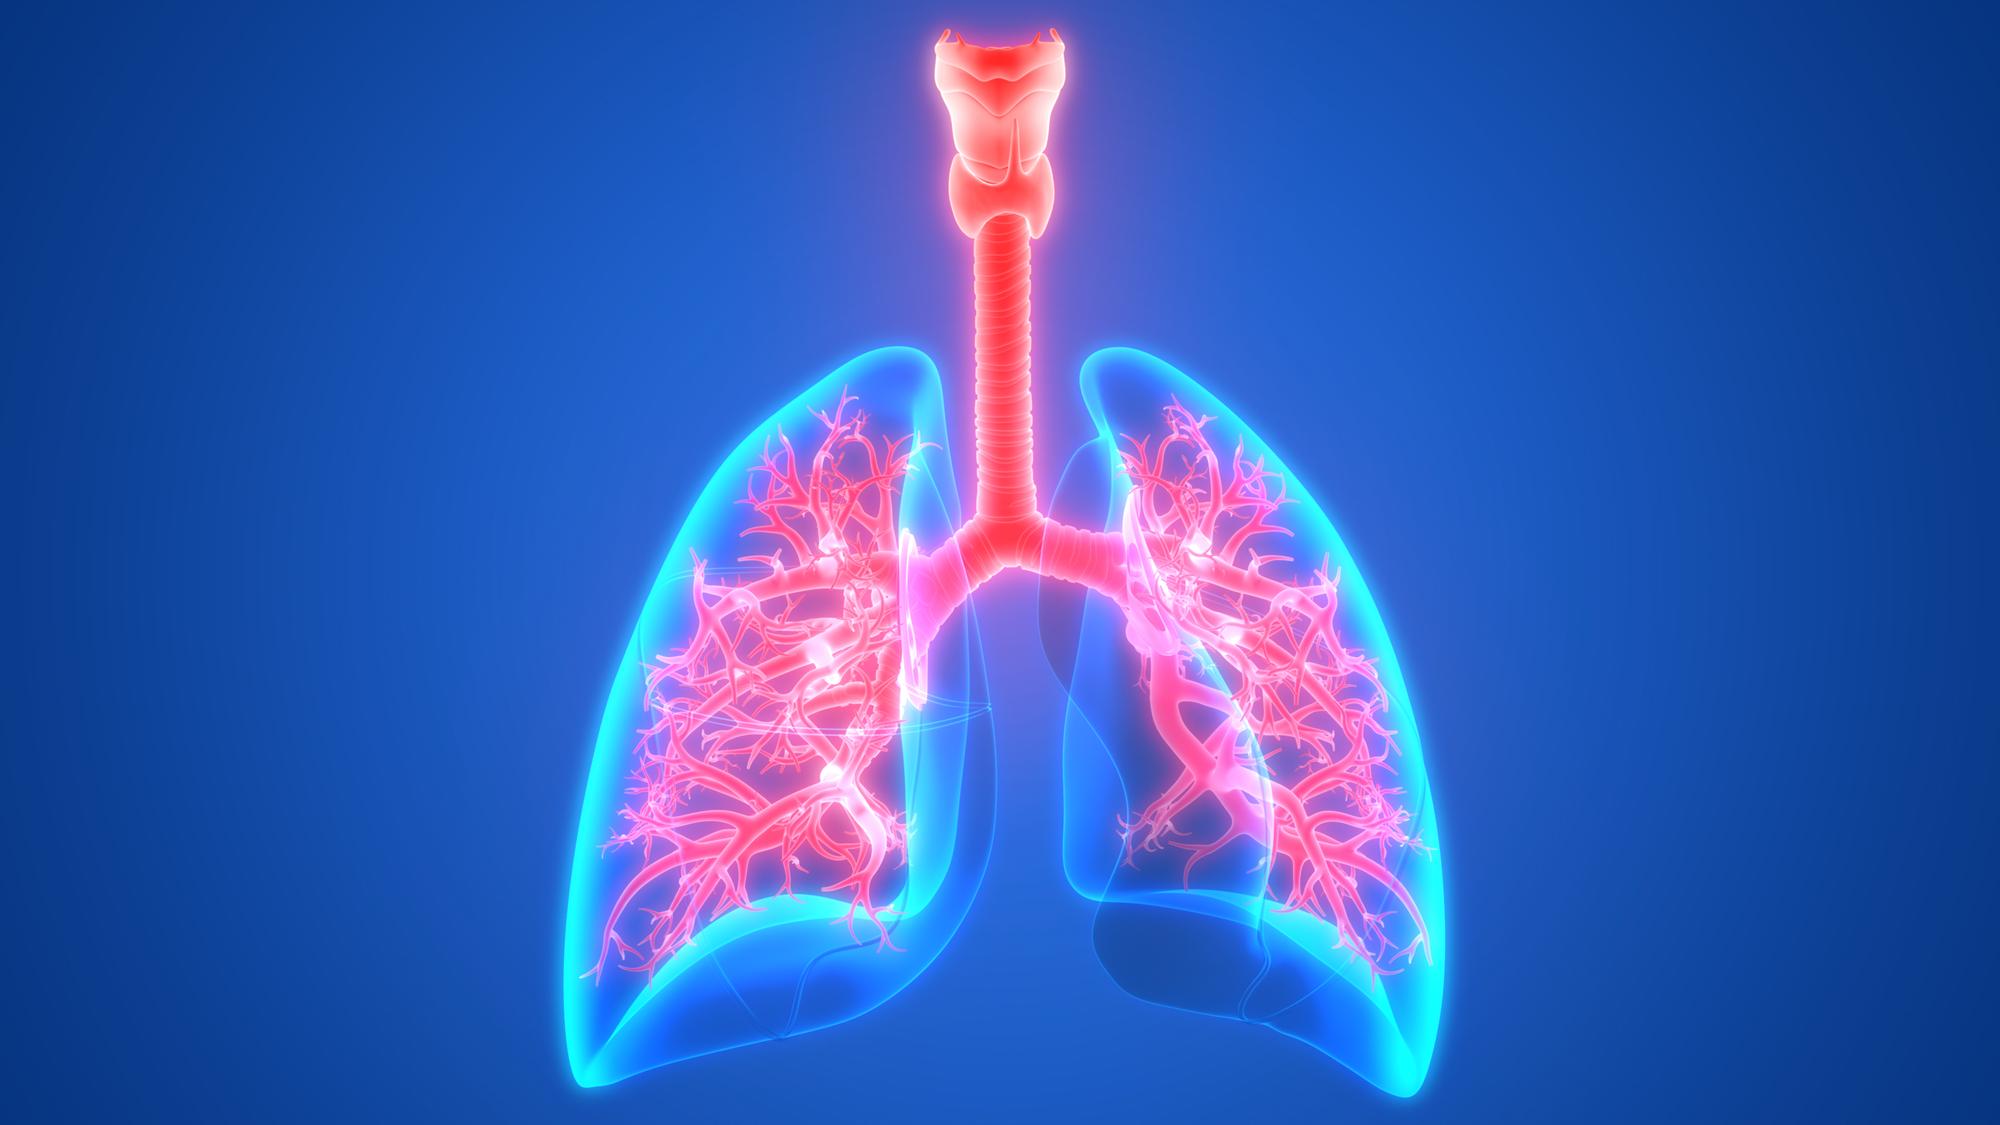 Os bronquíolos têm como funçãotransportar o ar até os alvéolos pulmonares, onde ocorre a hematose (troca gasosa).